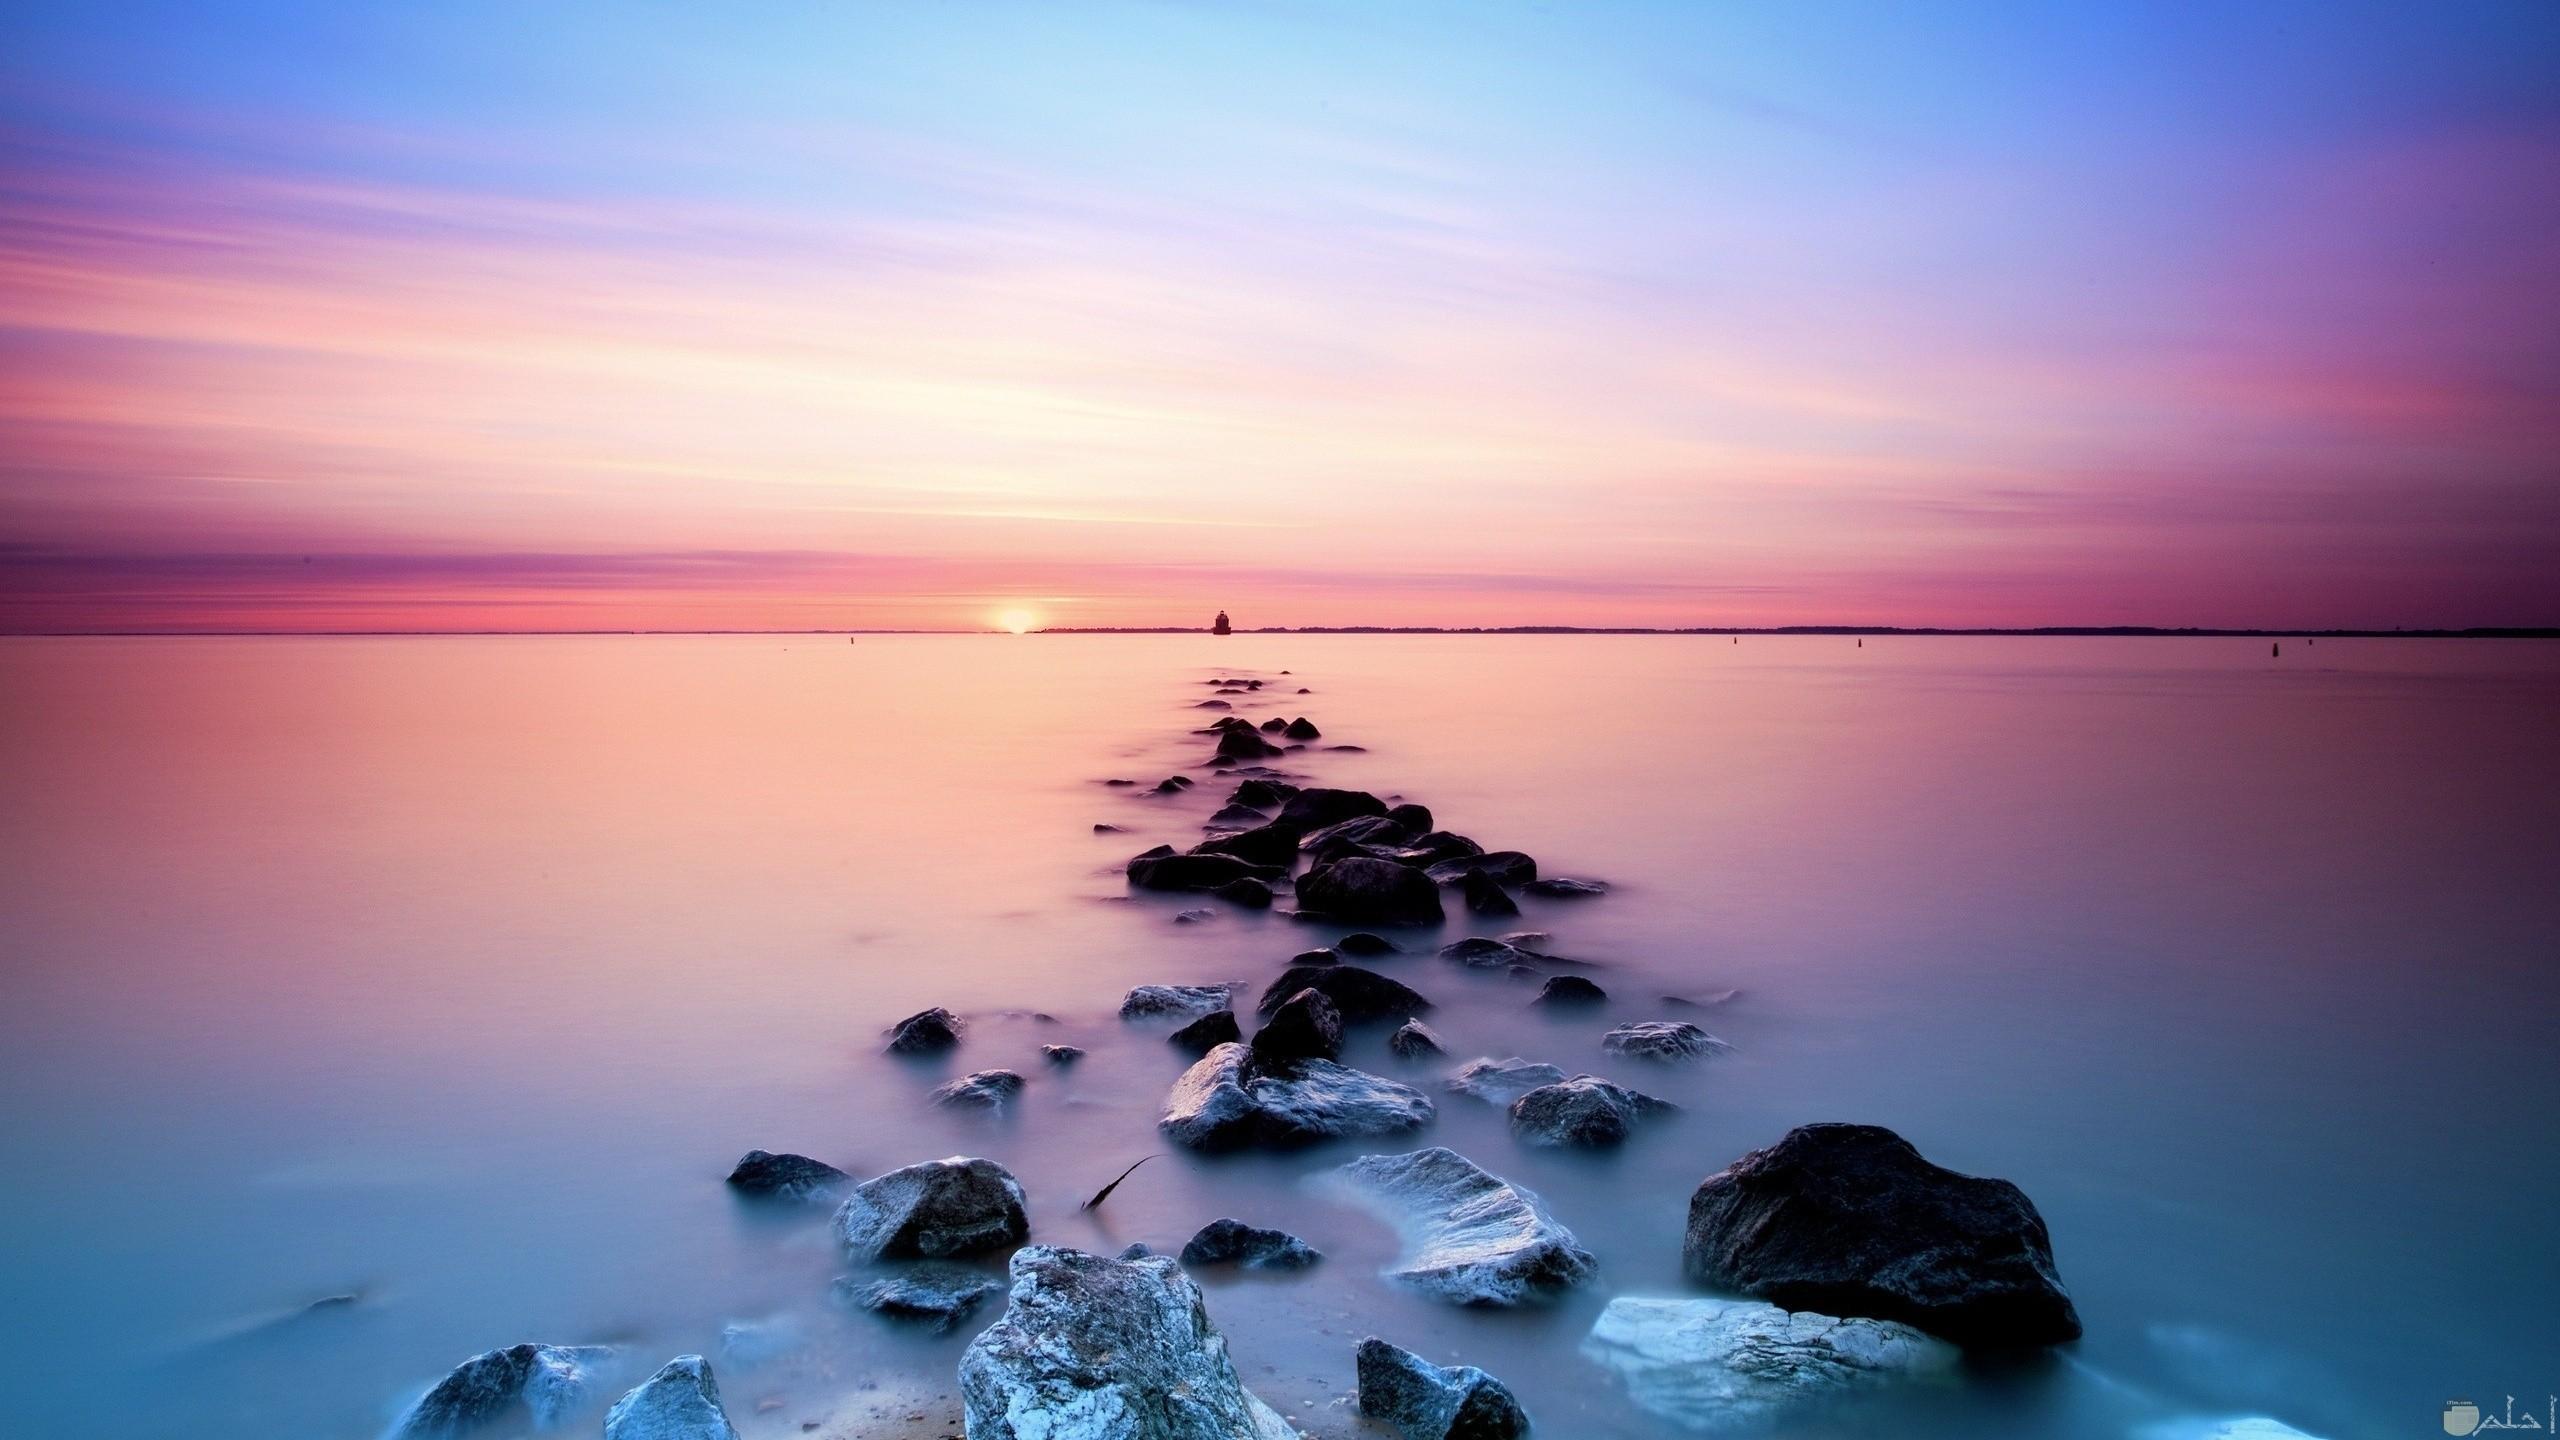 صورة مميزة للبحر والصخور جميلة تصلح كخلفية للكمبيوتر